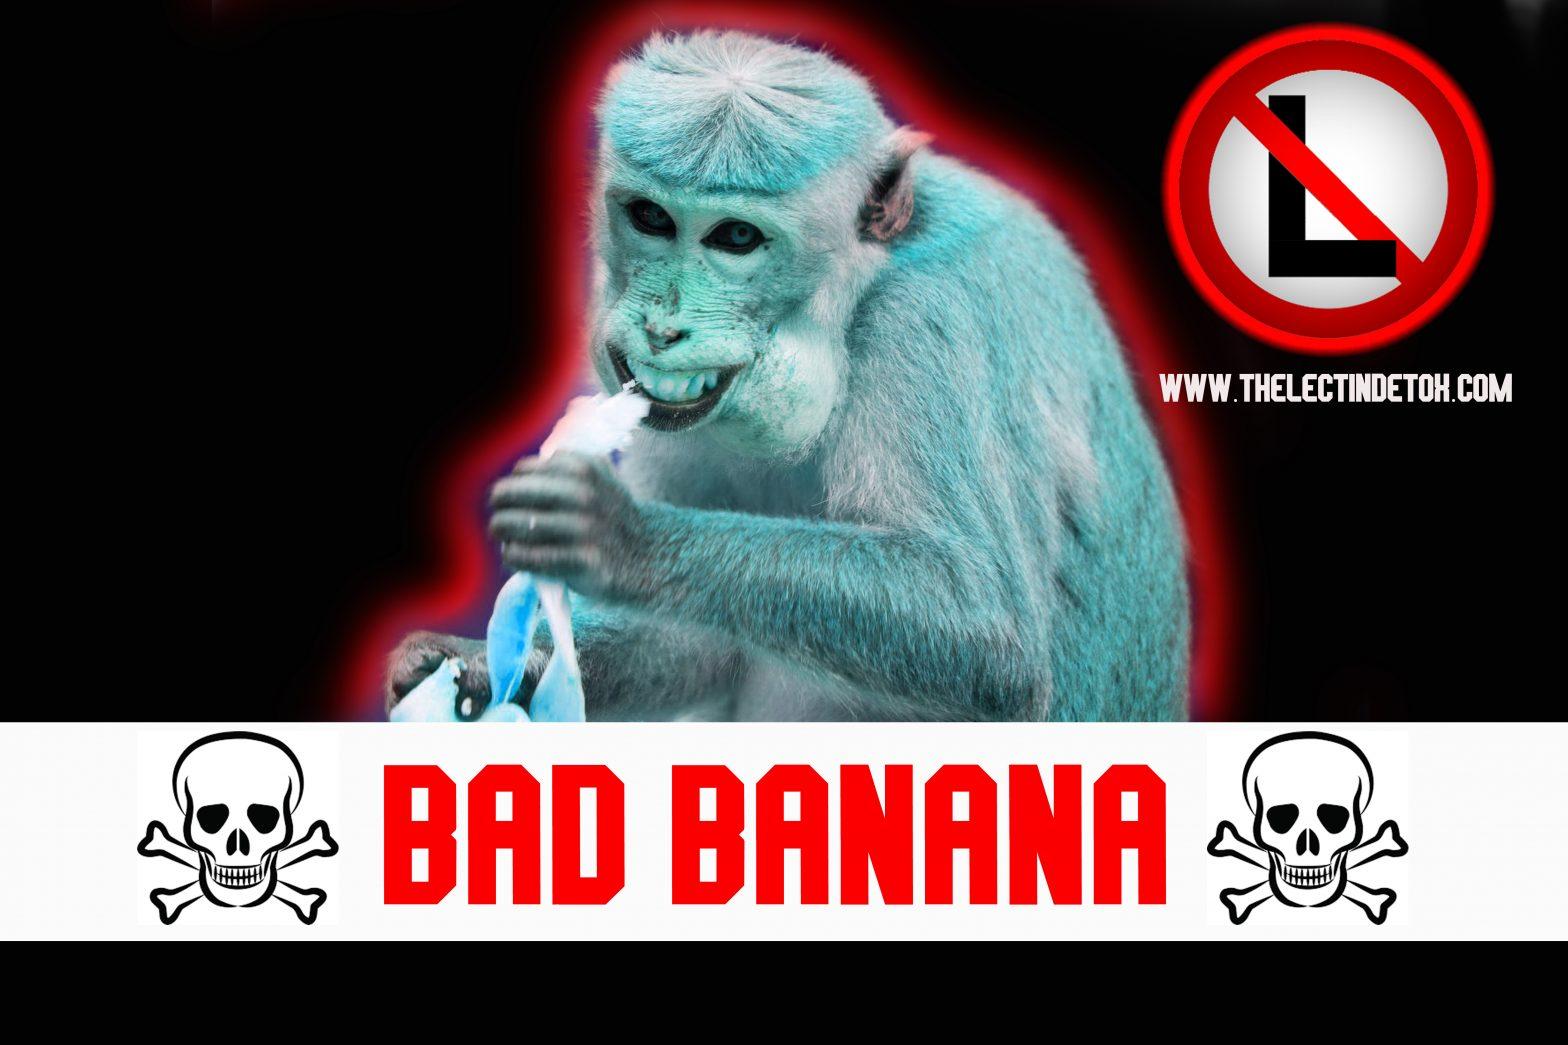 banana lectin detox eczema autoimmune